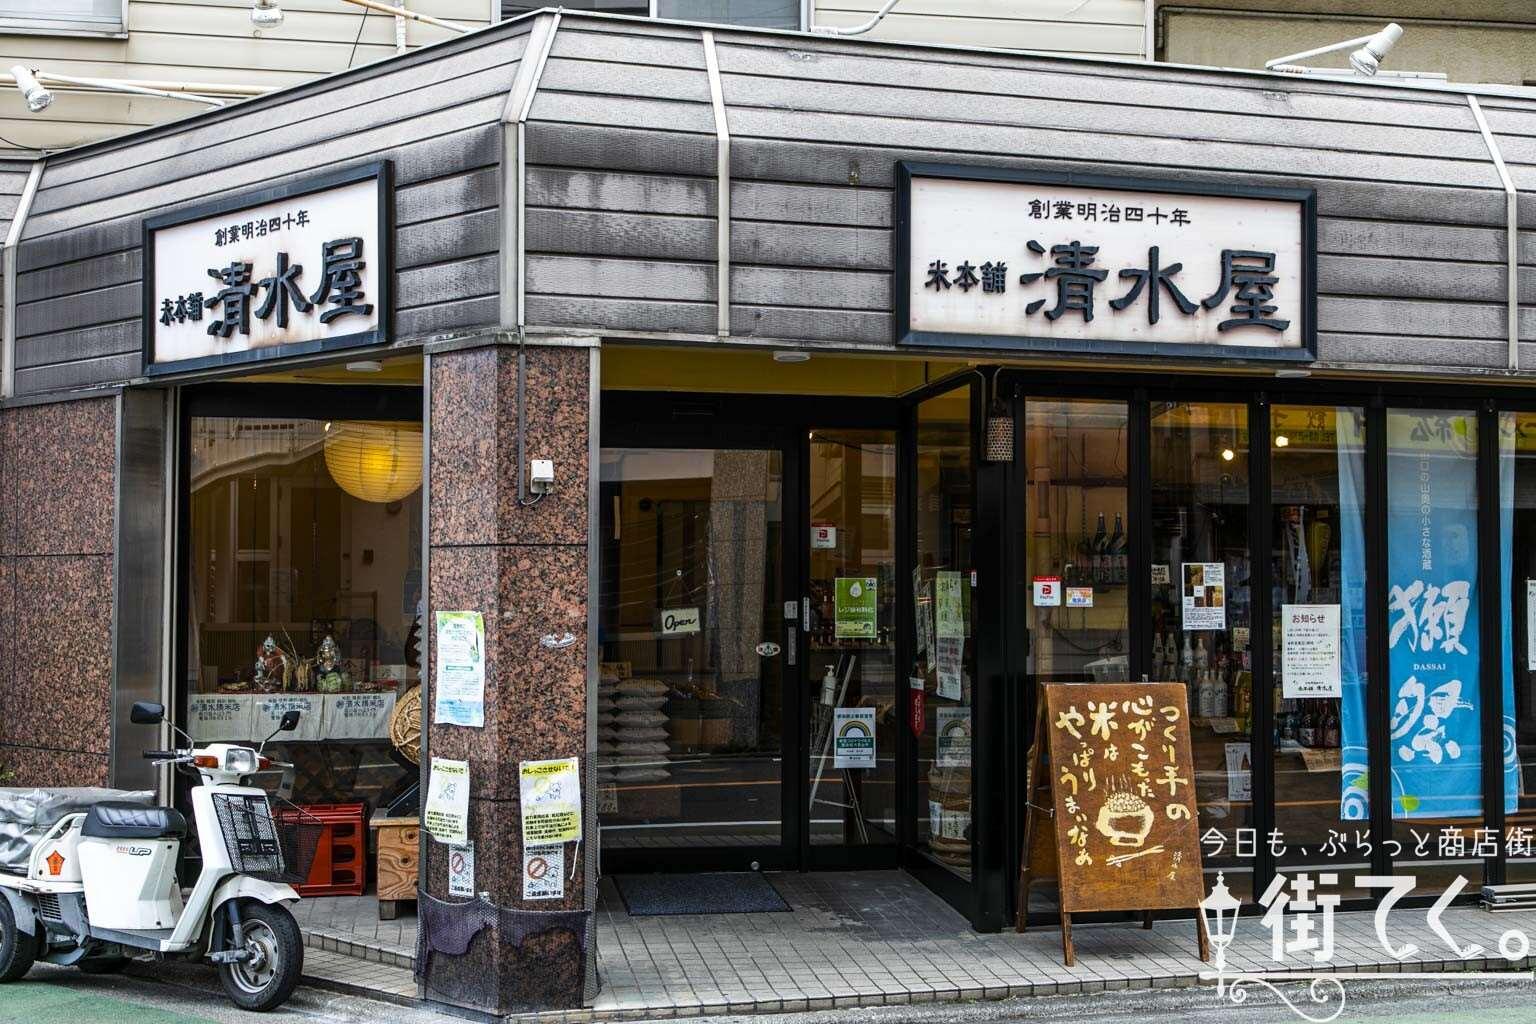 米本舗 清水屋